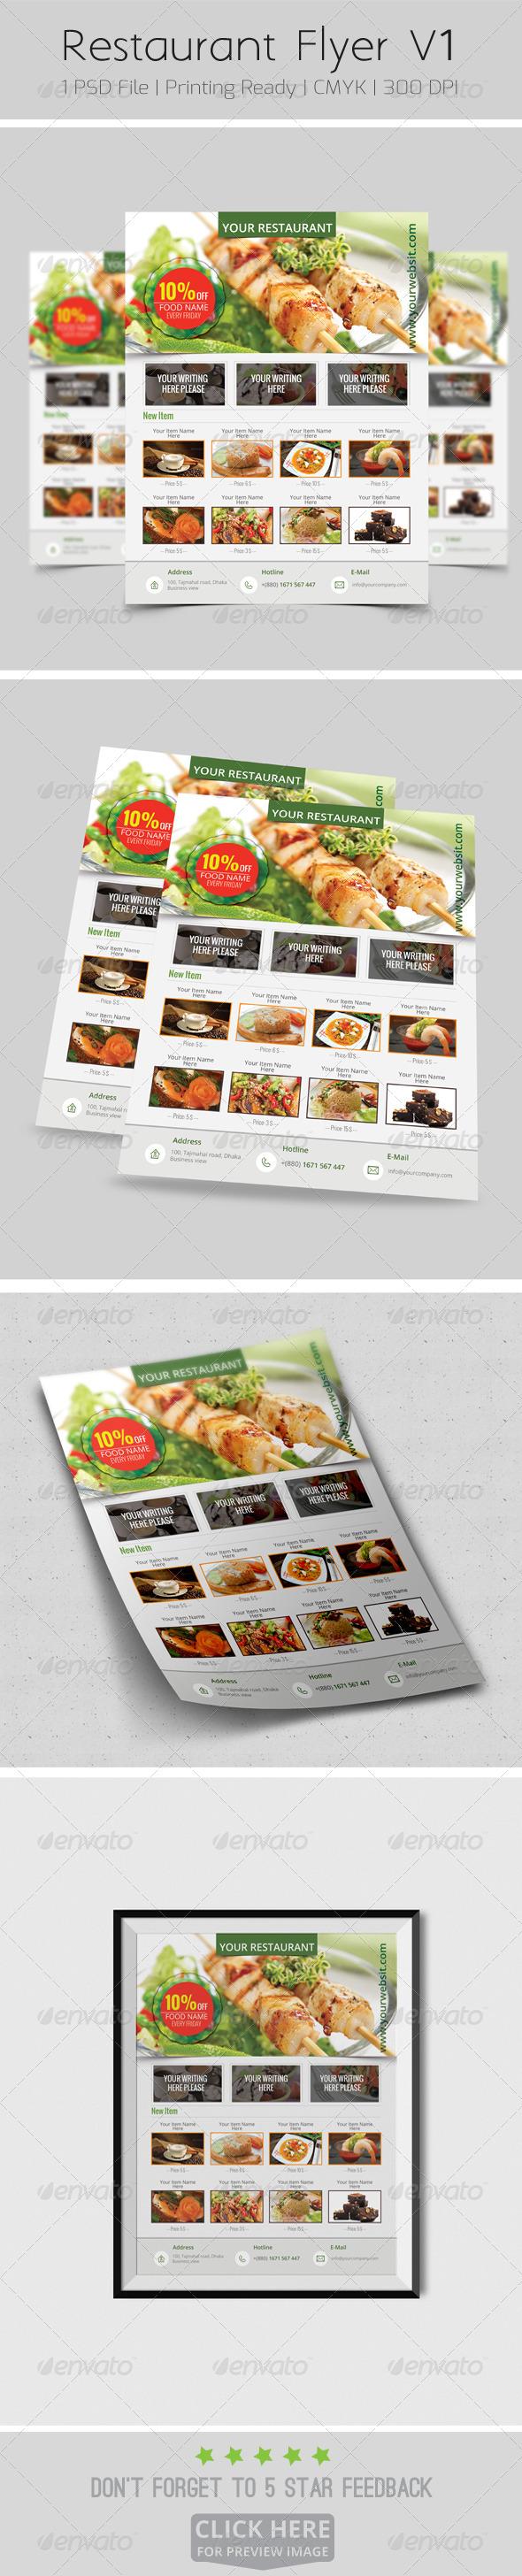 Restaurant Flyer V1